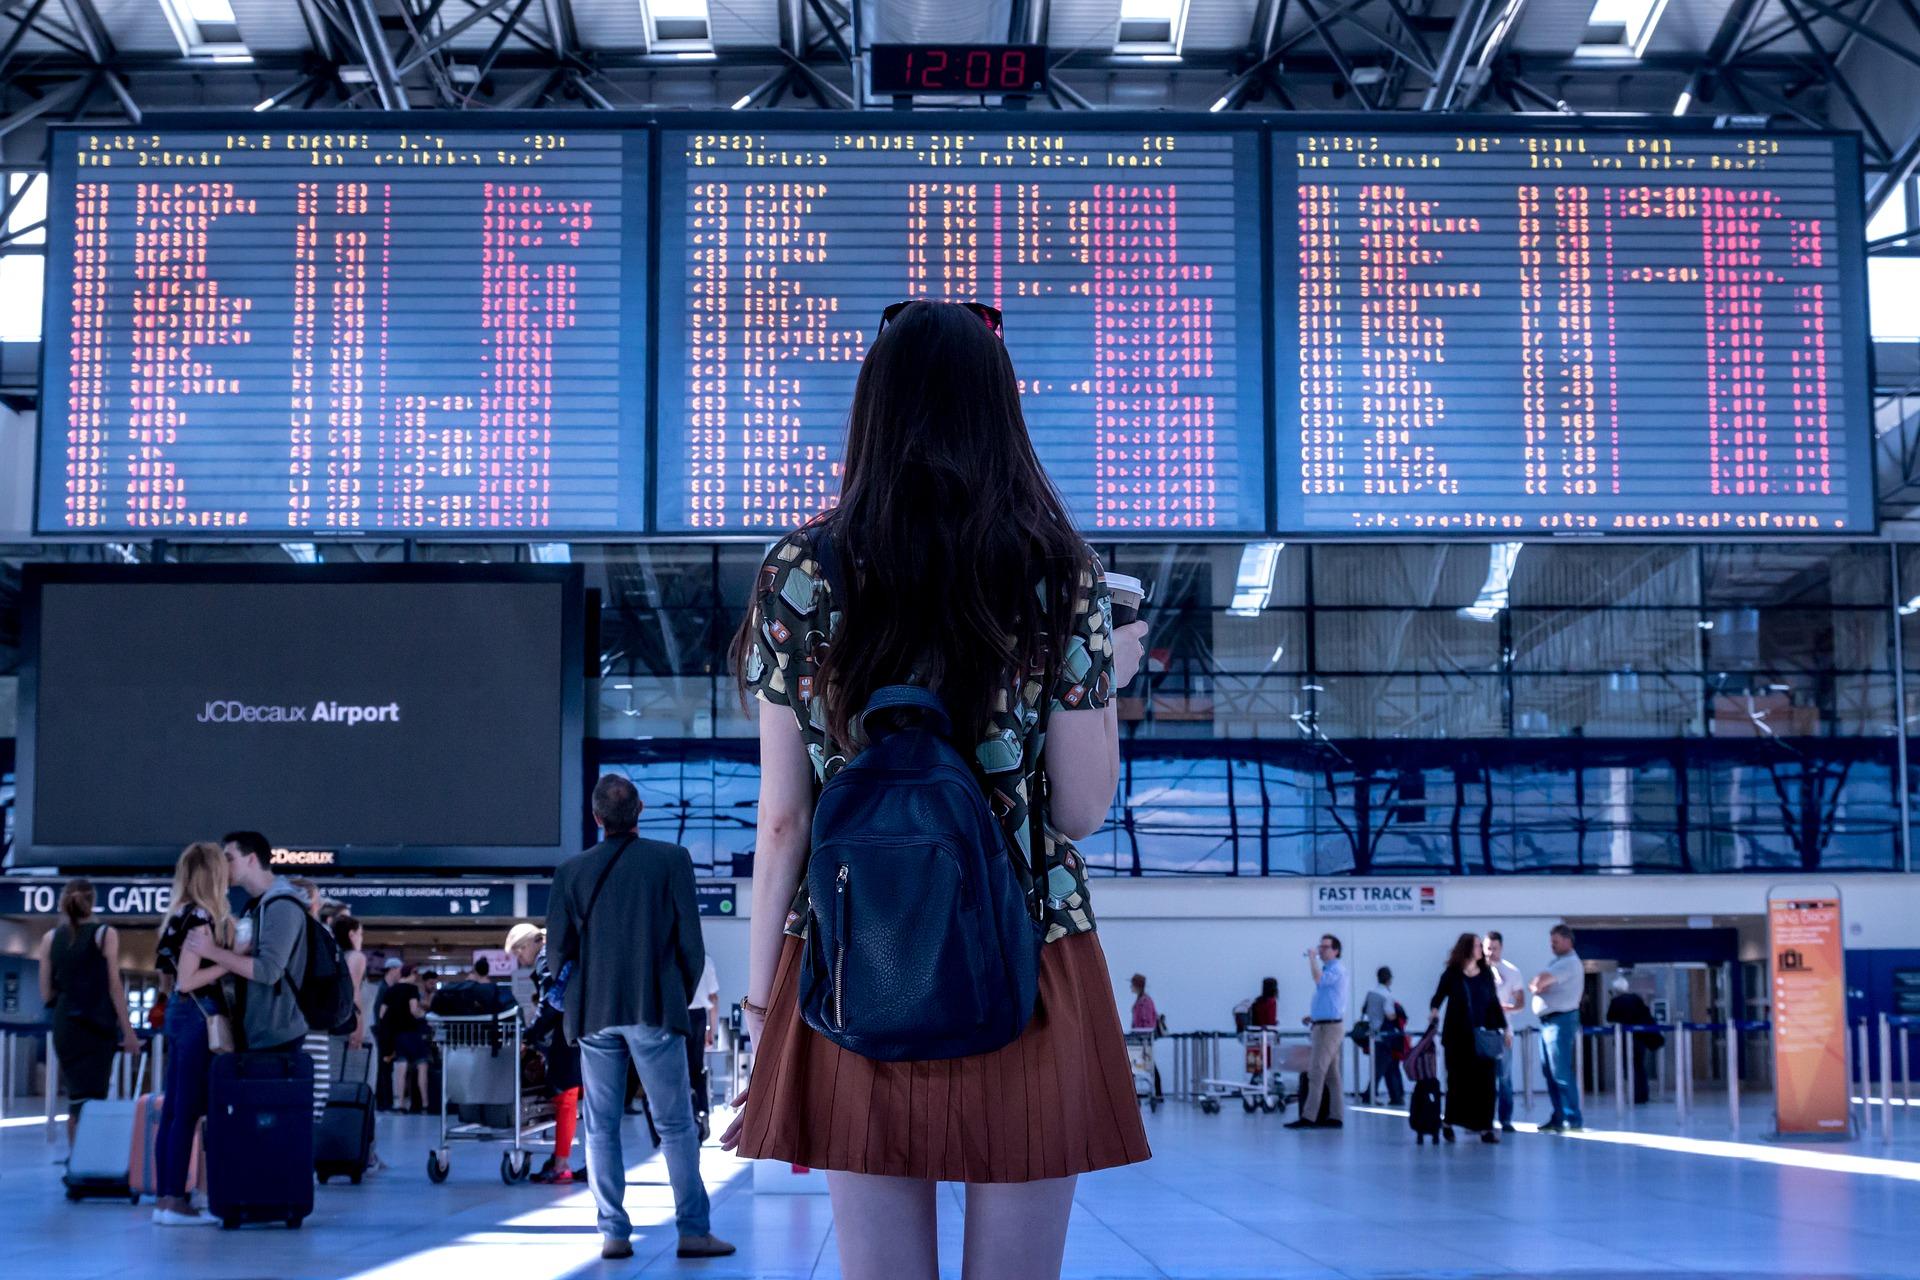 Cách đặt vé máy bay giá rẻ đi Đà Nẵng Mới Nhất 2018